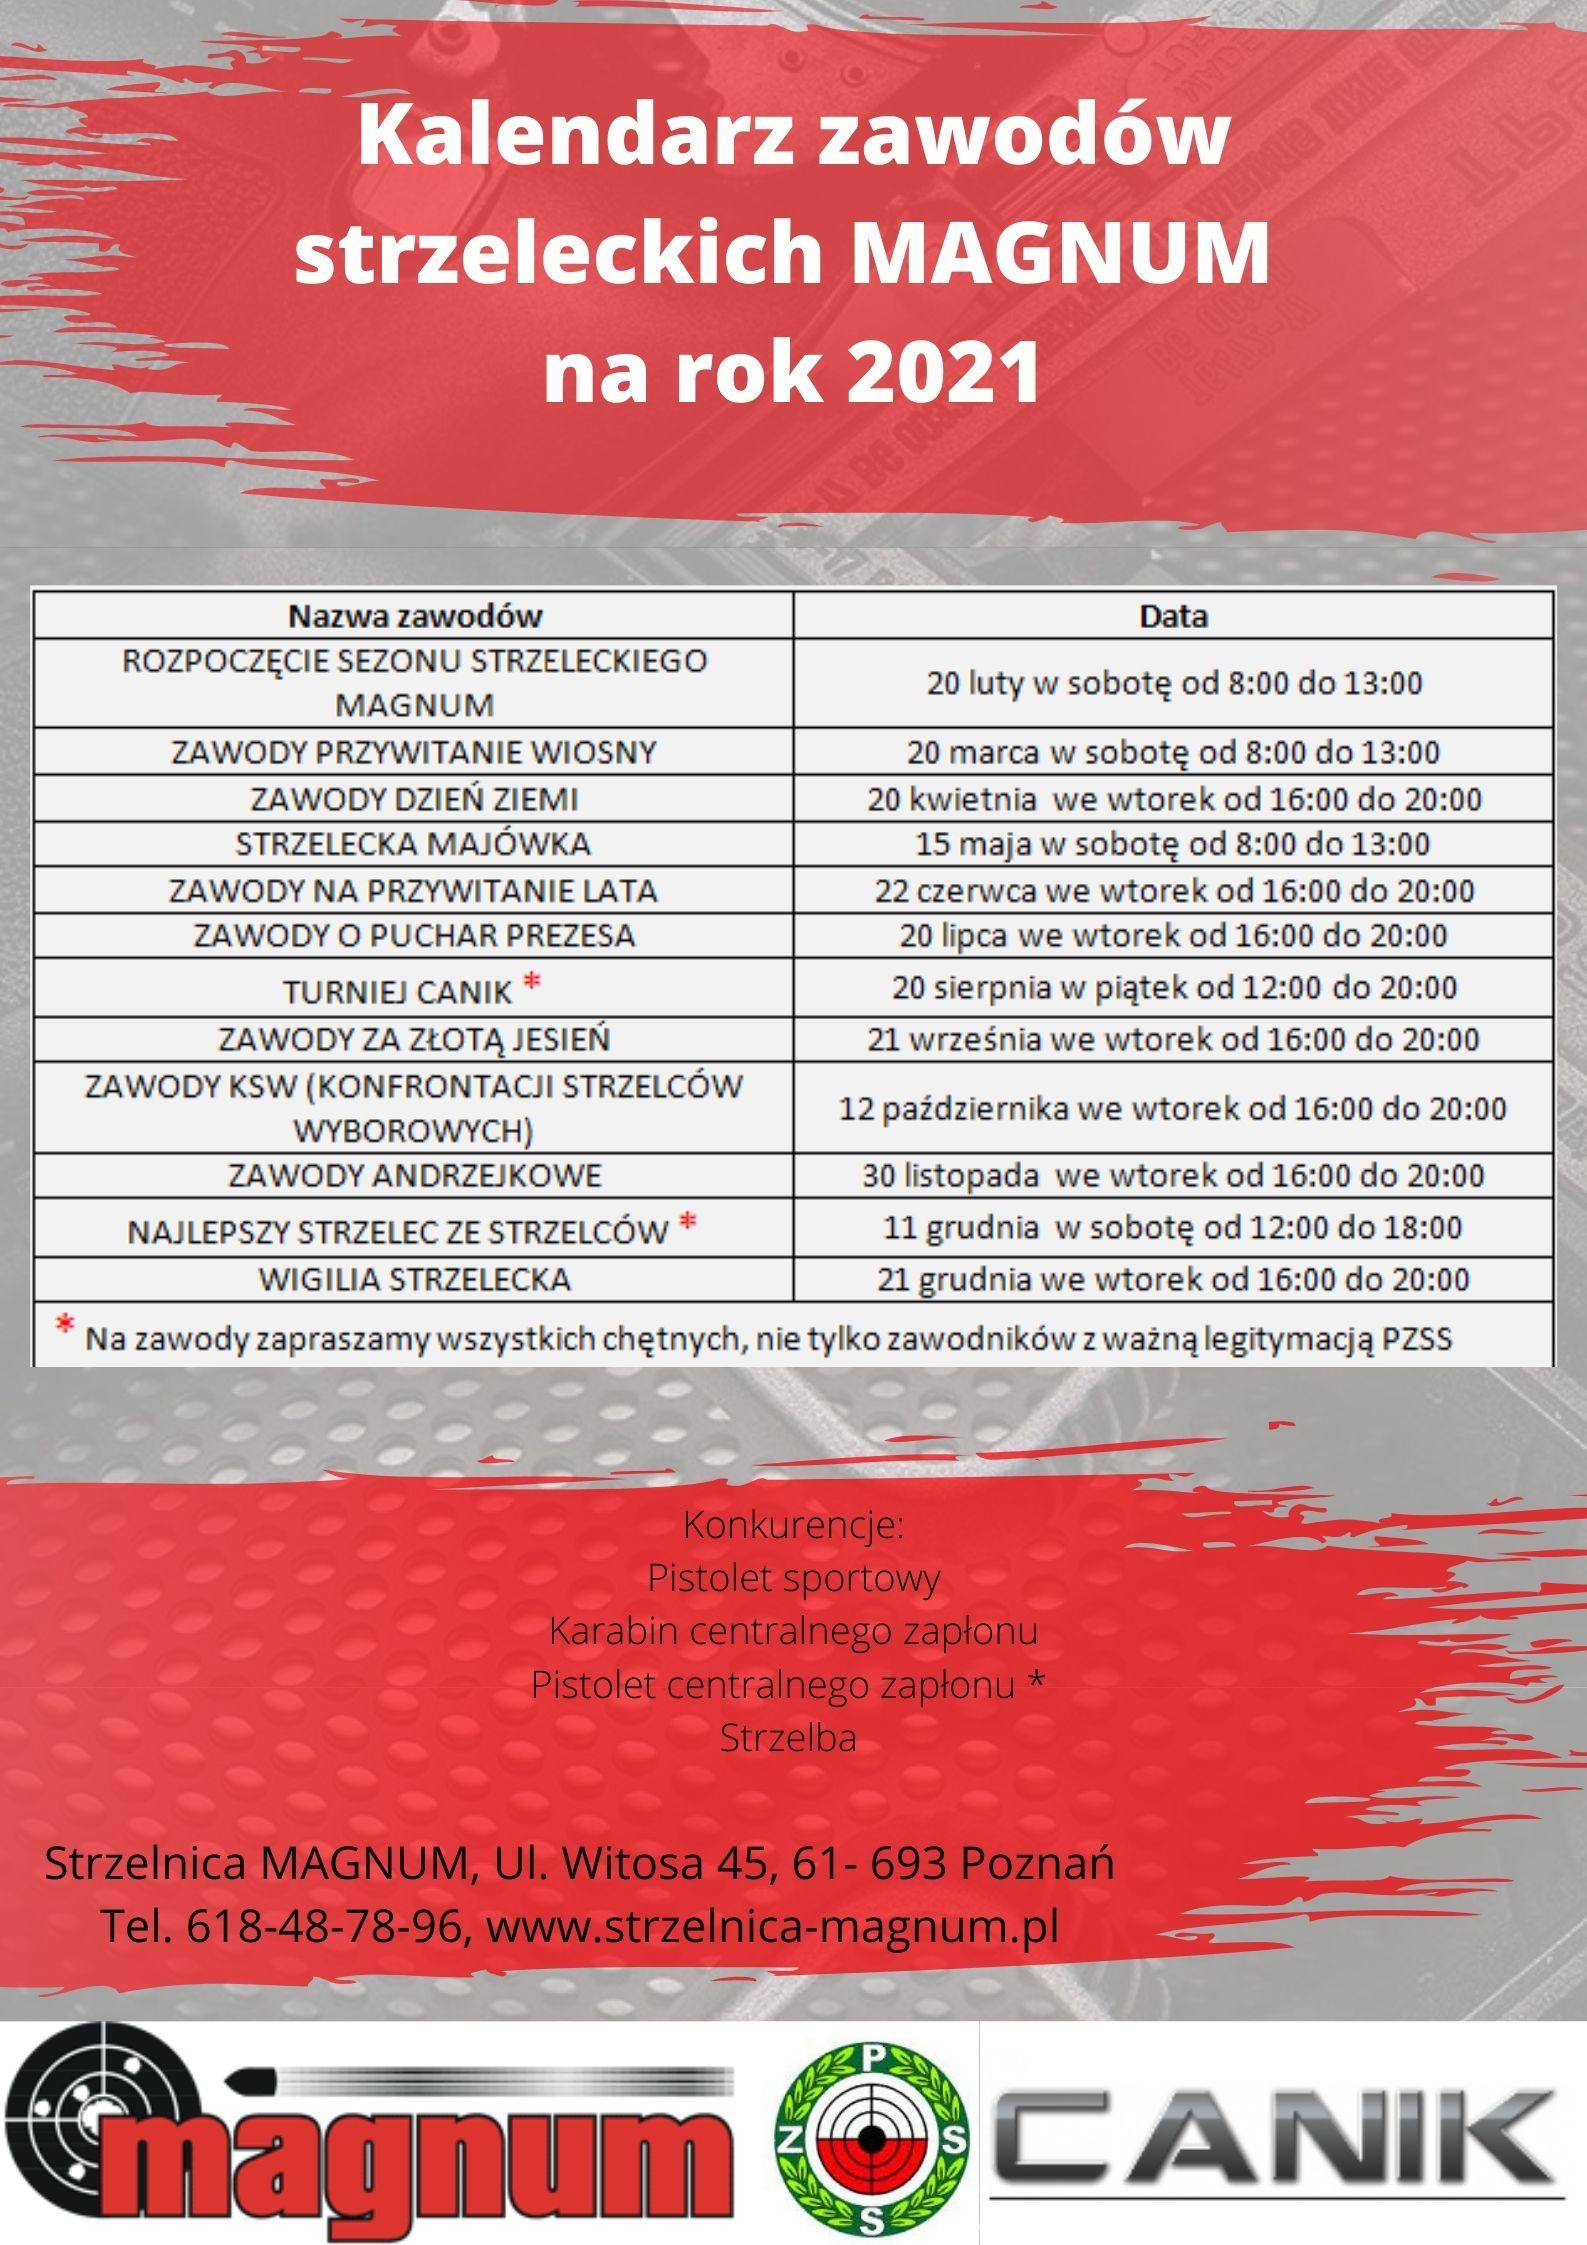 Kalendarz zawodów strzeleckich MAGNUM na rok 2021